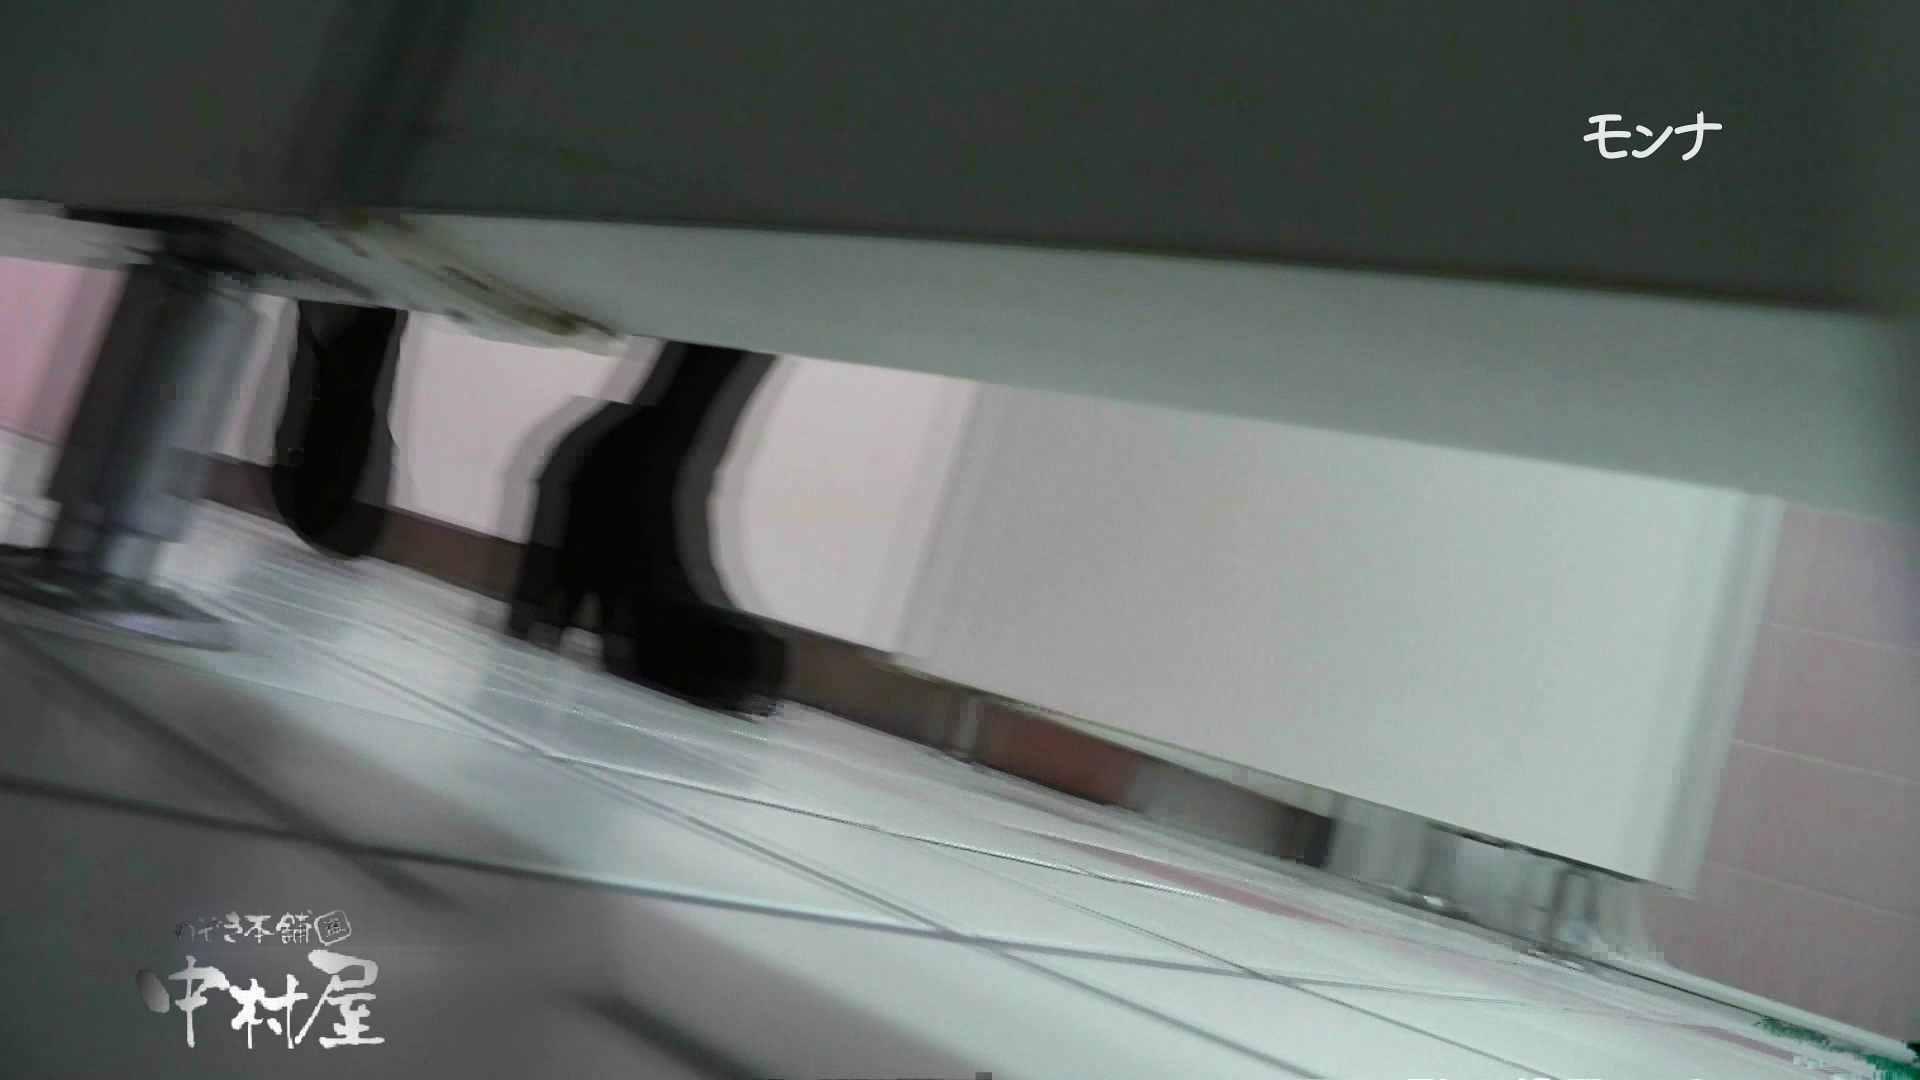 【美しい日本の未来】遂に!!戸田恵梨香似の予告モデル登場ダッシュで「大」後編 盗撮 エロ画像 59画像 59